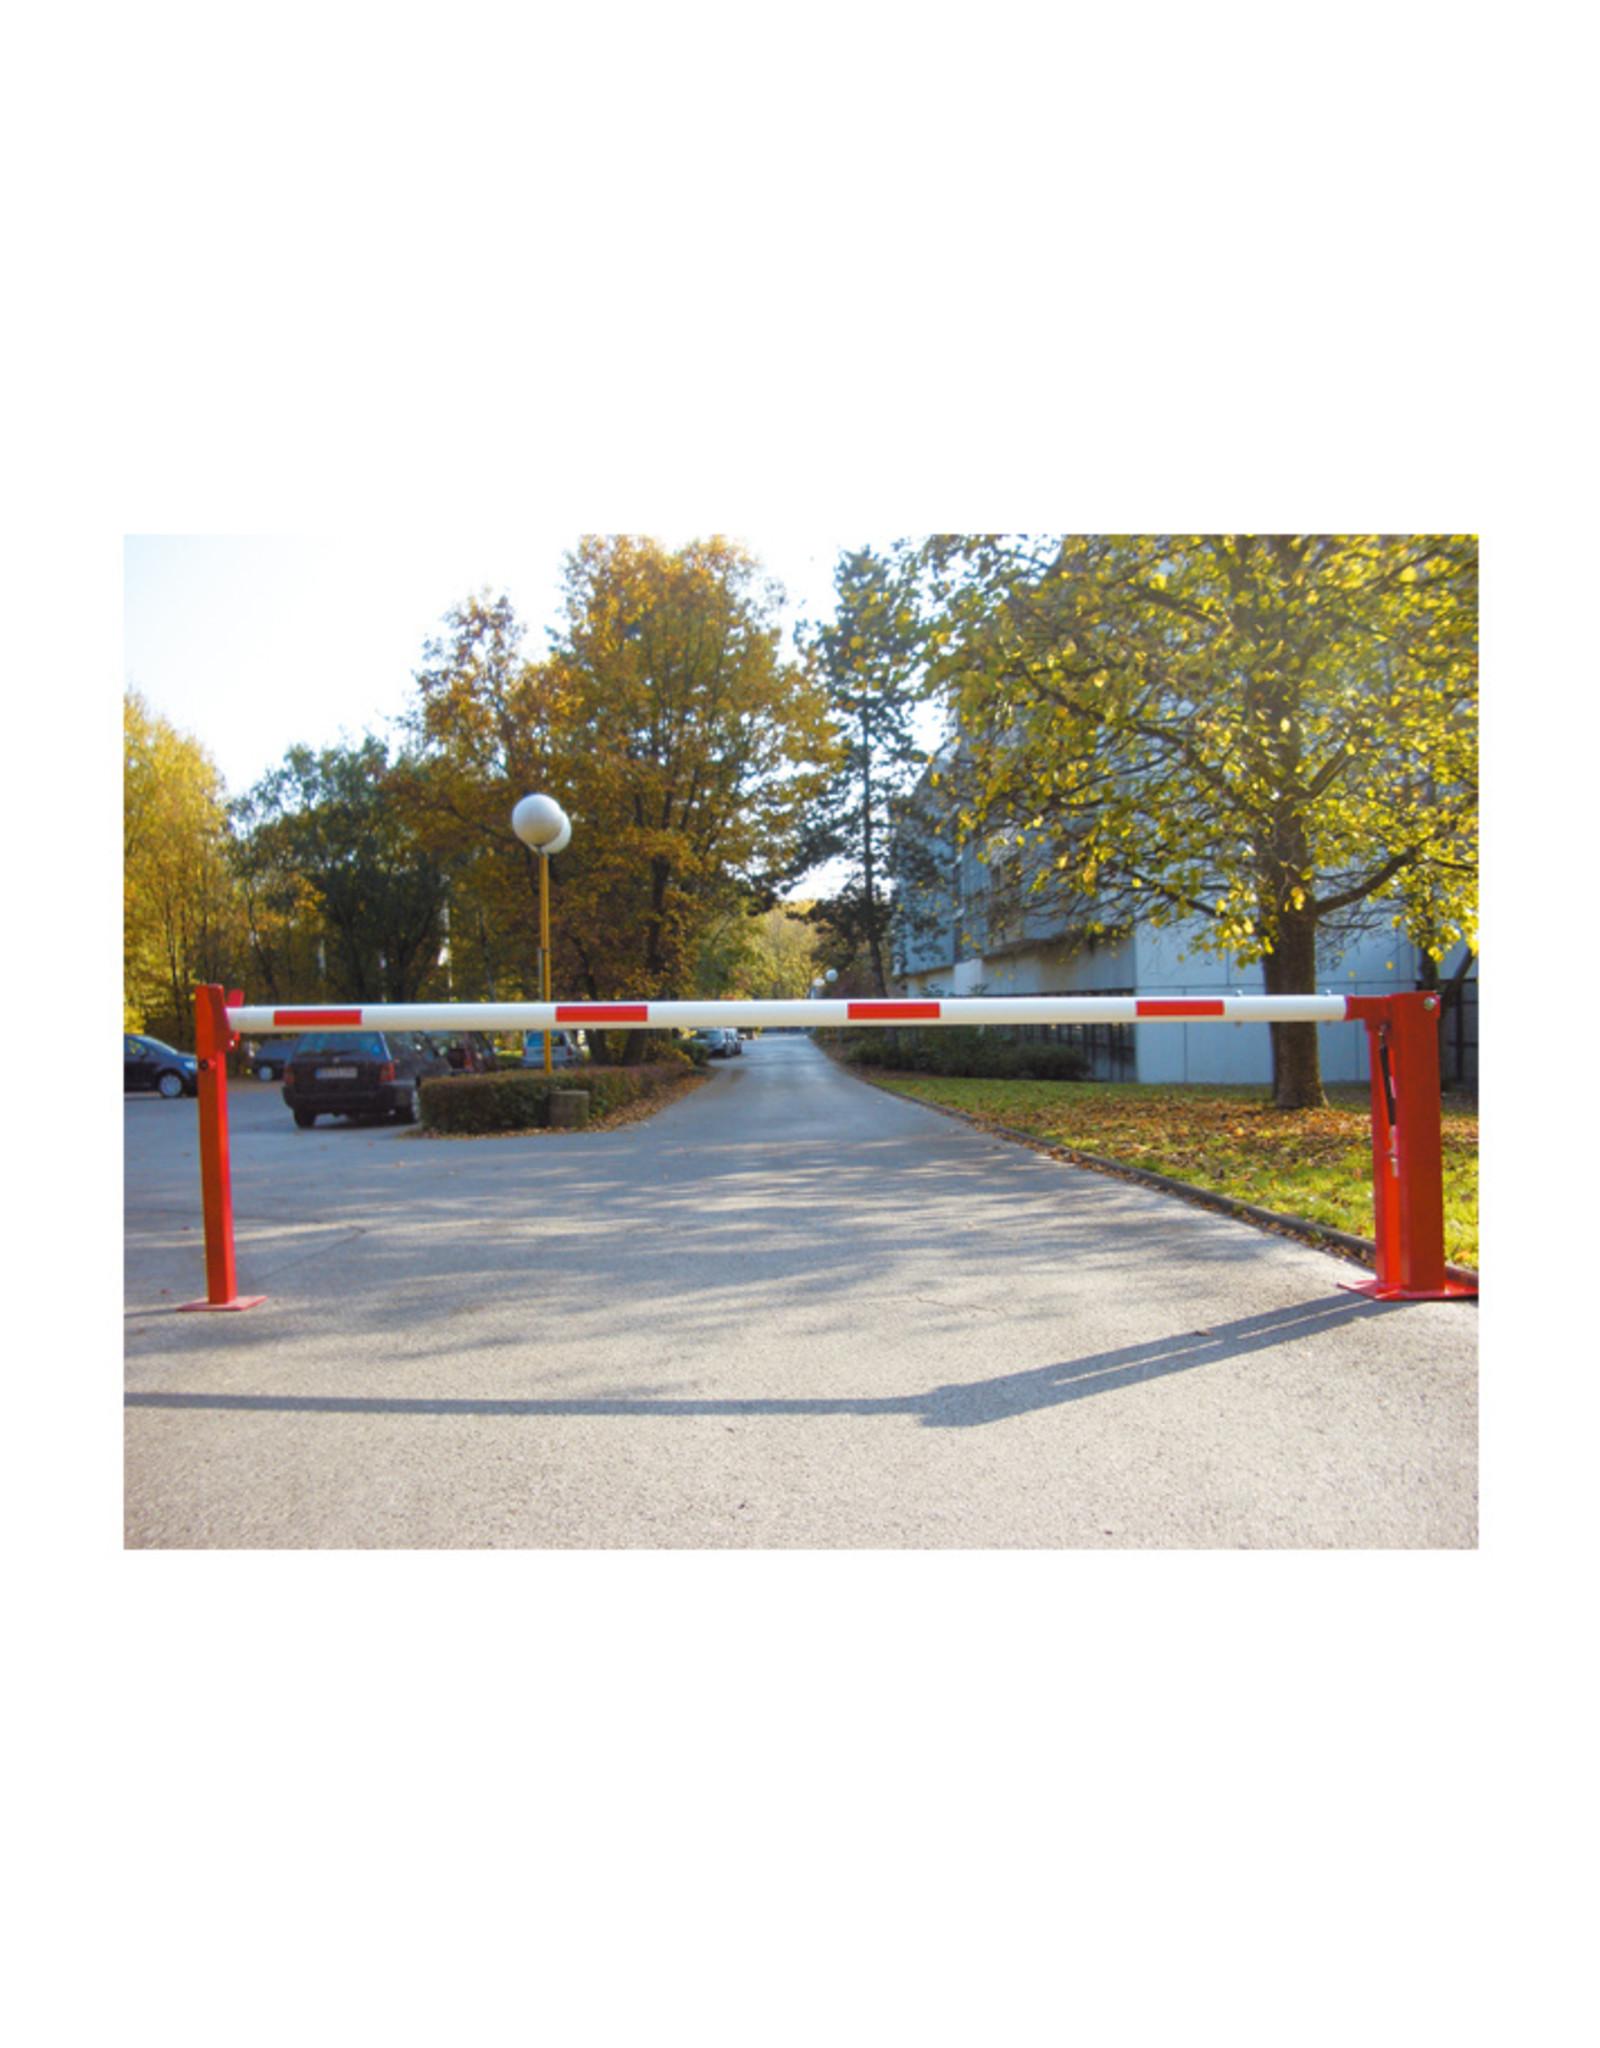 Verkeerswinkel.nl | Premium Slagboom 300 cm tot 700 cm, incl. Staander, Gasveer, Cilinderslot & Driekantslot